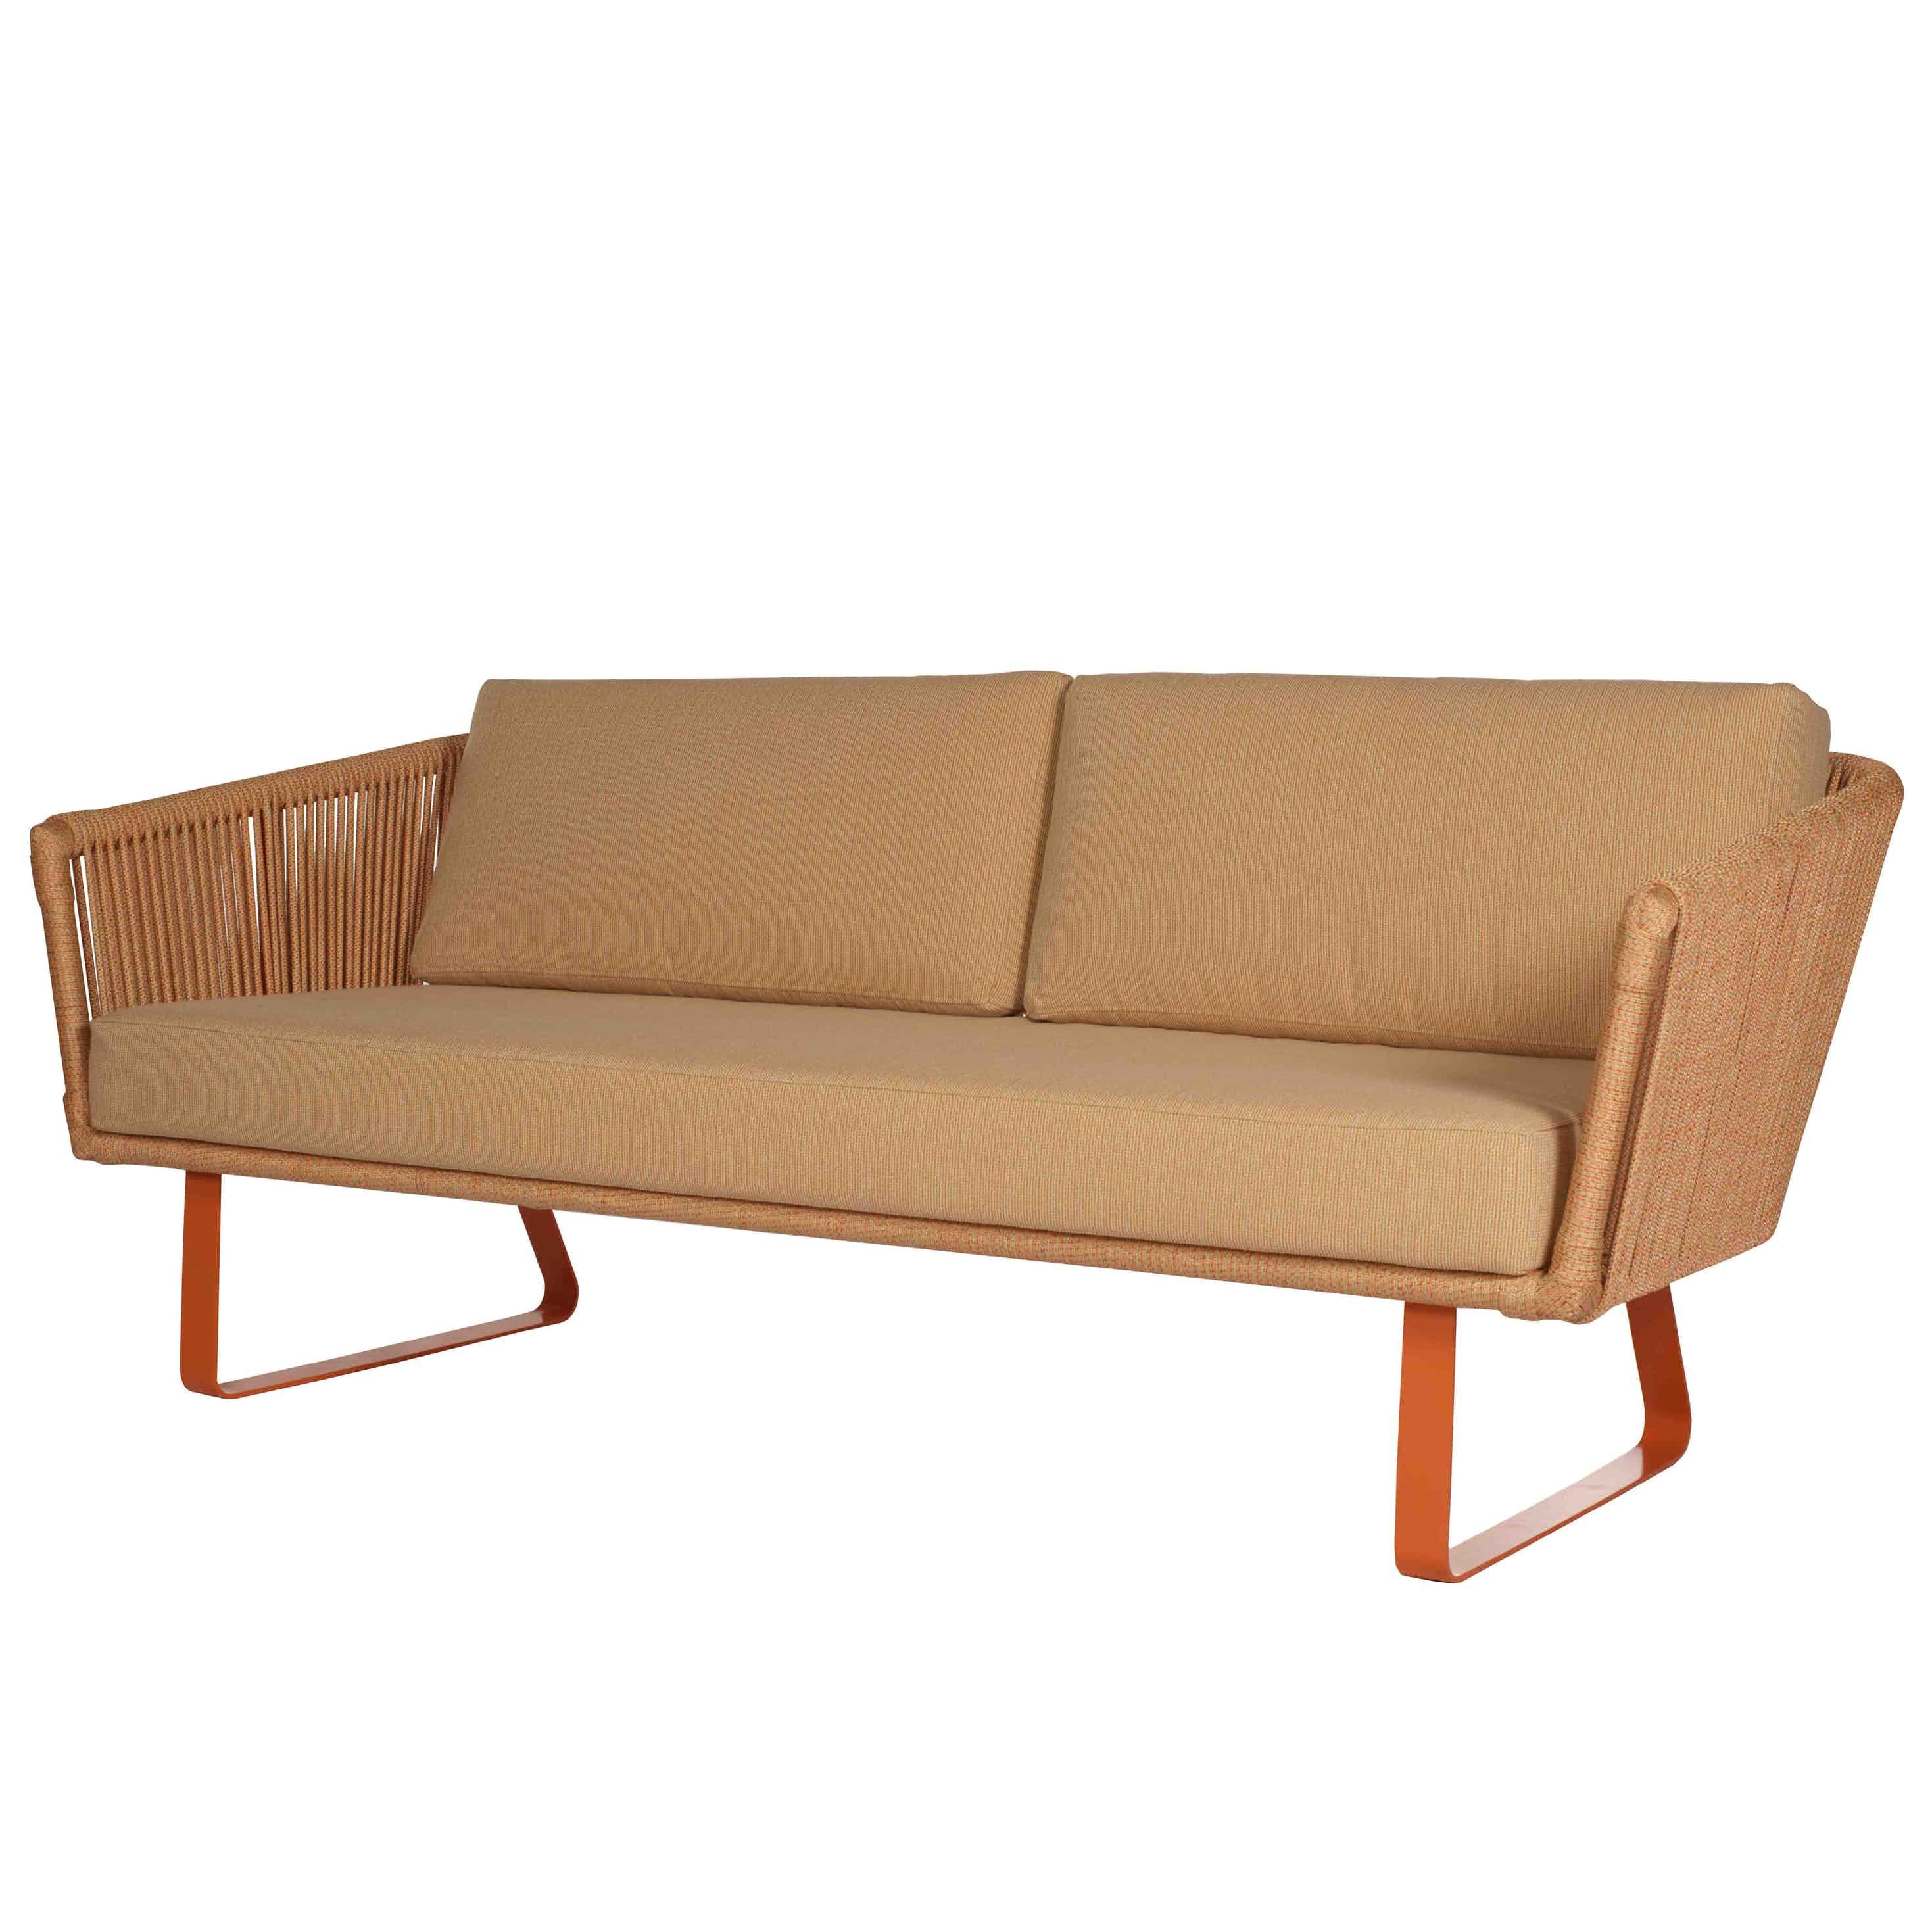 Tidelli marina sofa thumbnail haute living